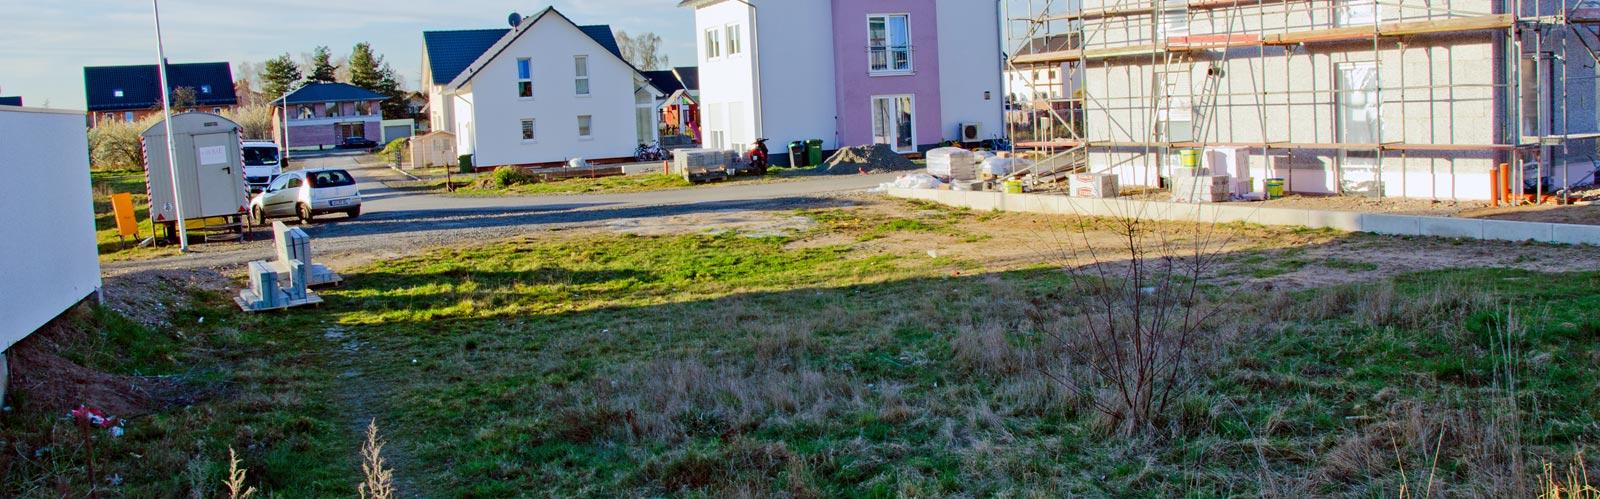 Grundstück März 2014 von Süden aus fotografiert